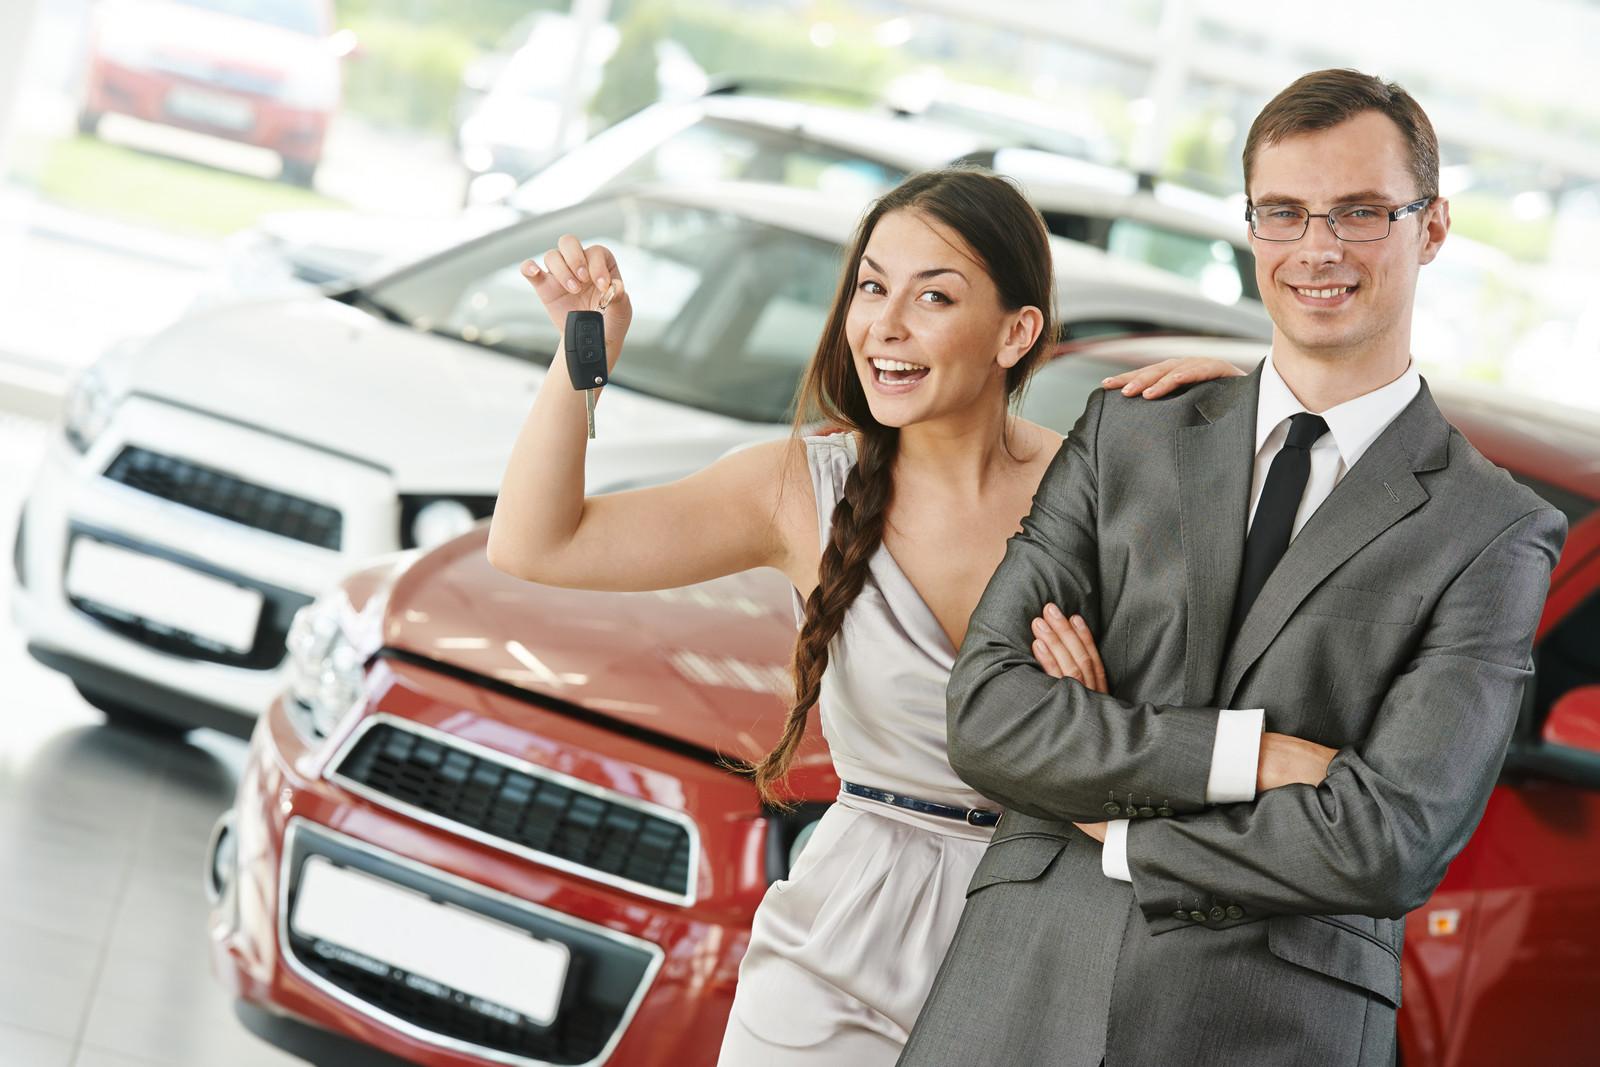 Кредит на покупку авто потребительский кредит неотложные нужды где получить синюю карту